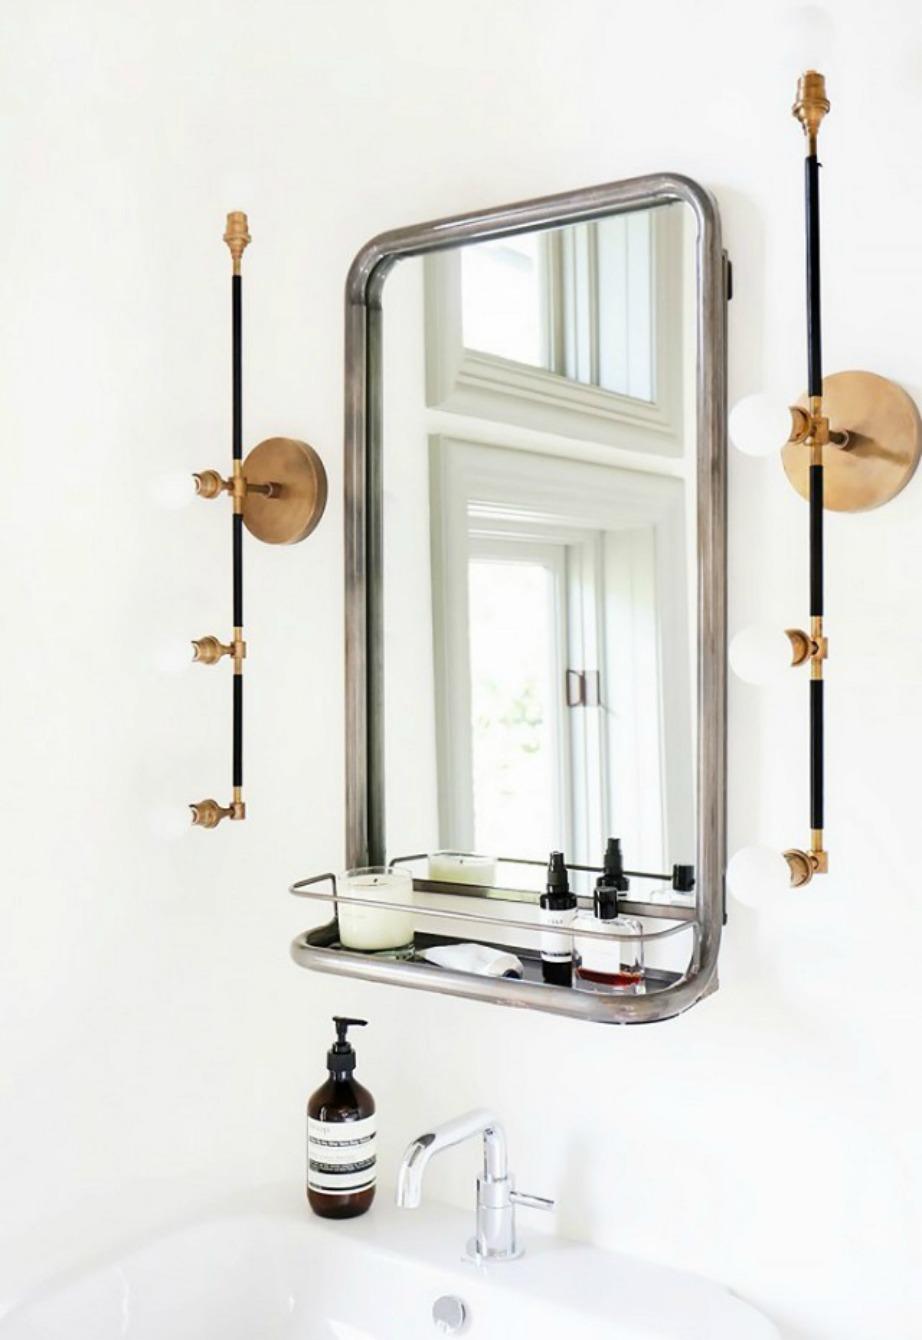 Βρείτε έναν ιδιαίτερο καθρέφτη που θα προσθέσει πόντους στιλ στο μπάνιο σας.